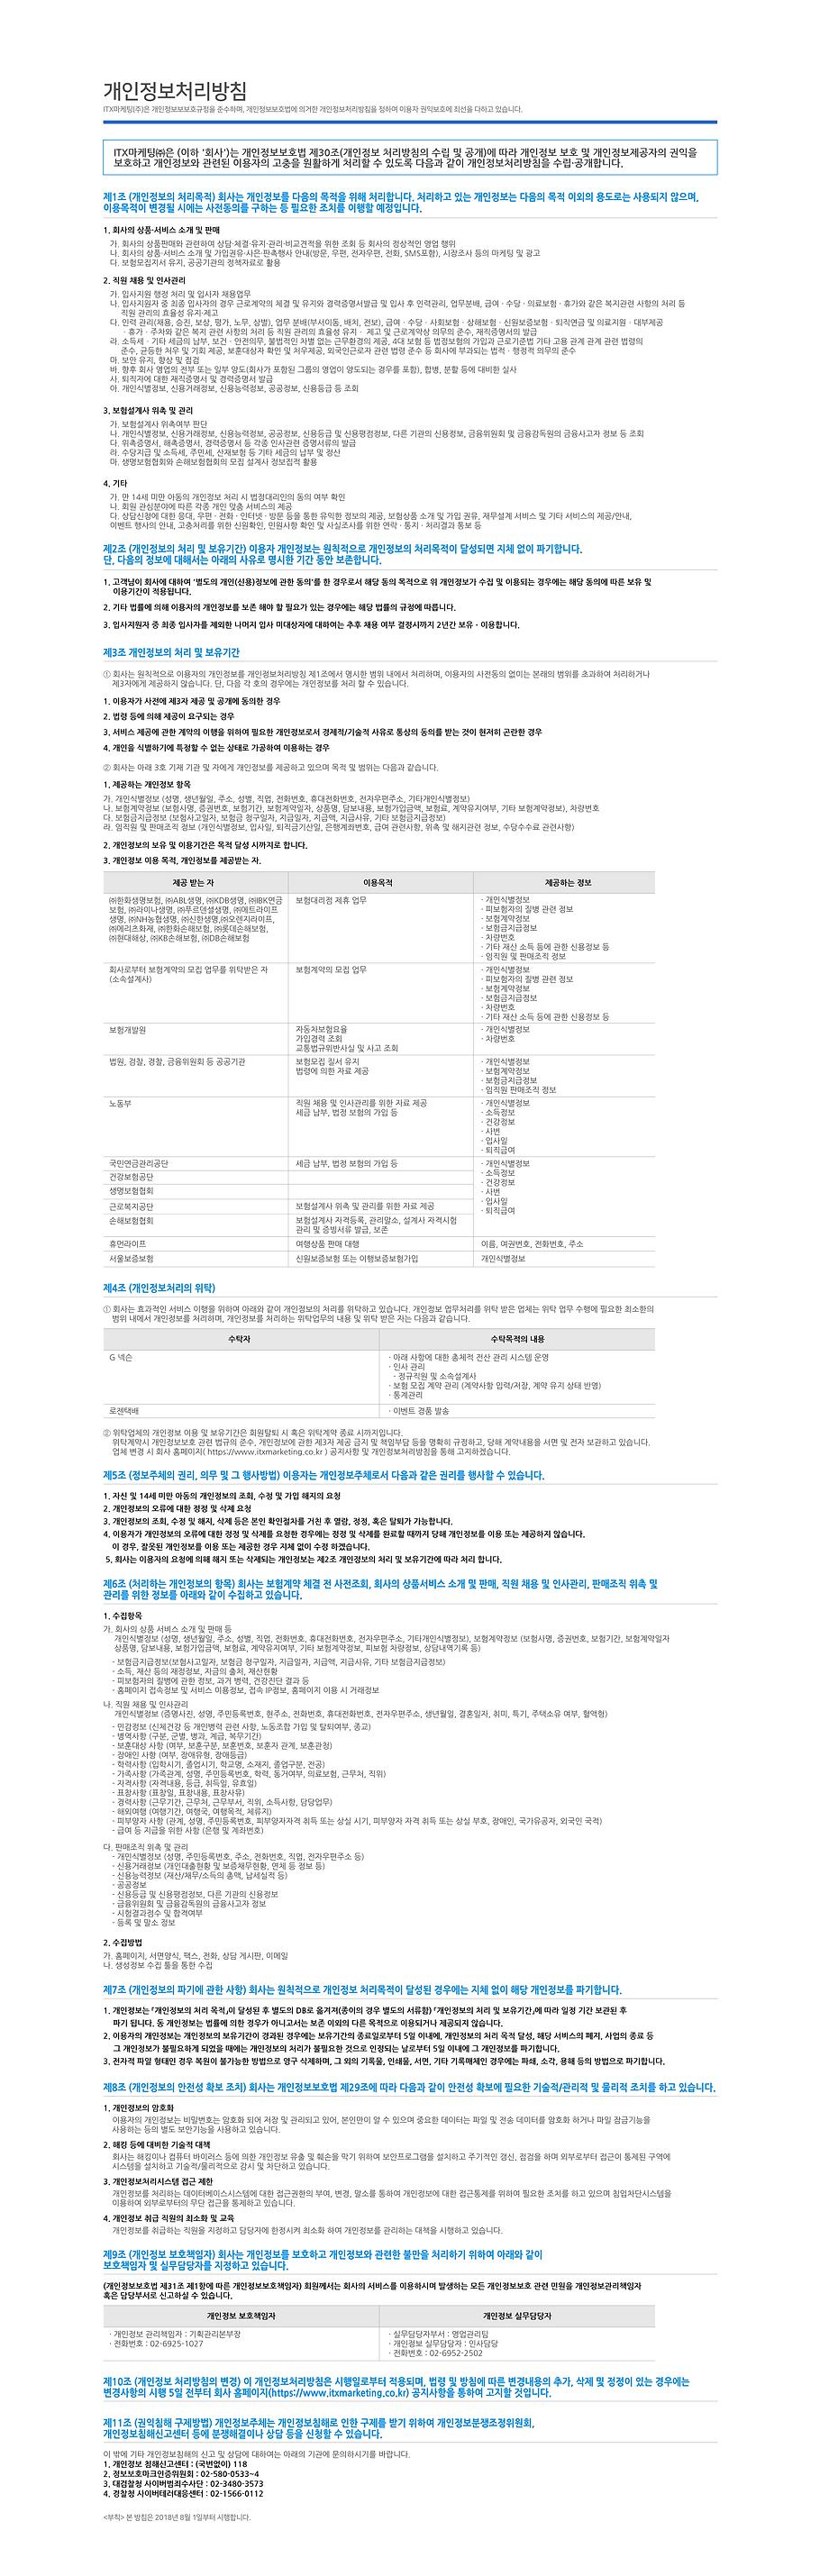 개인정보처리방_20181010.png